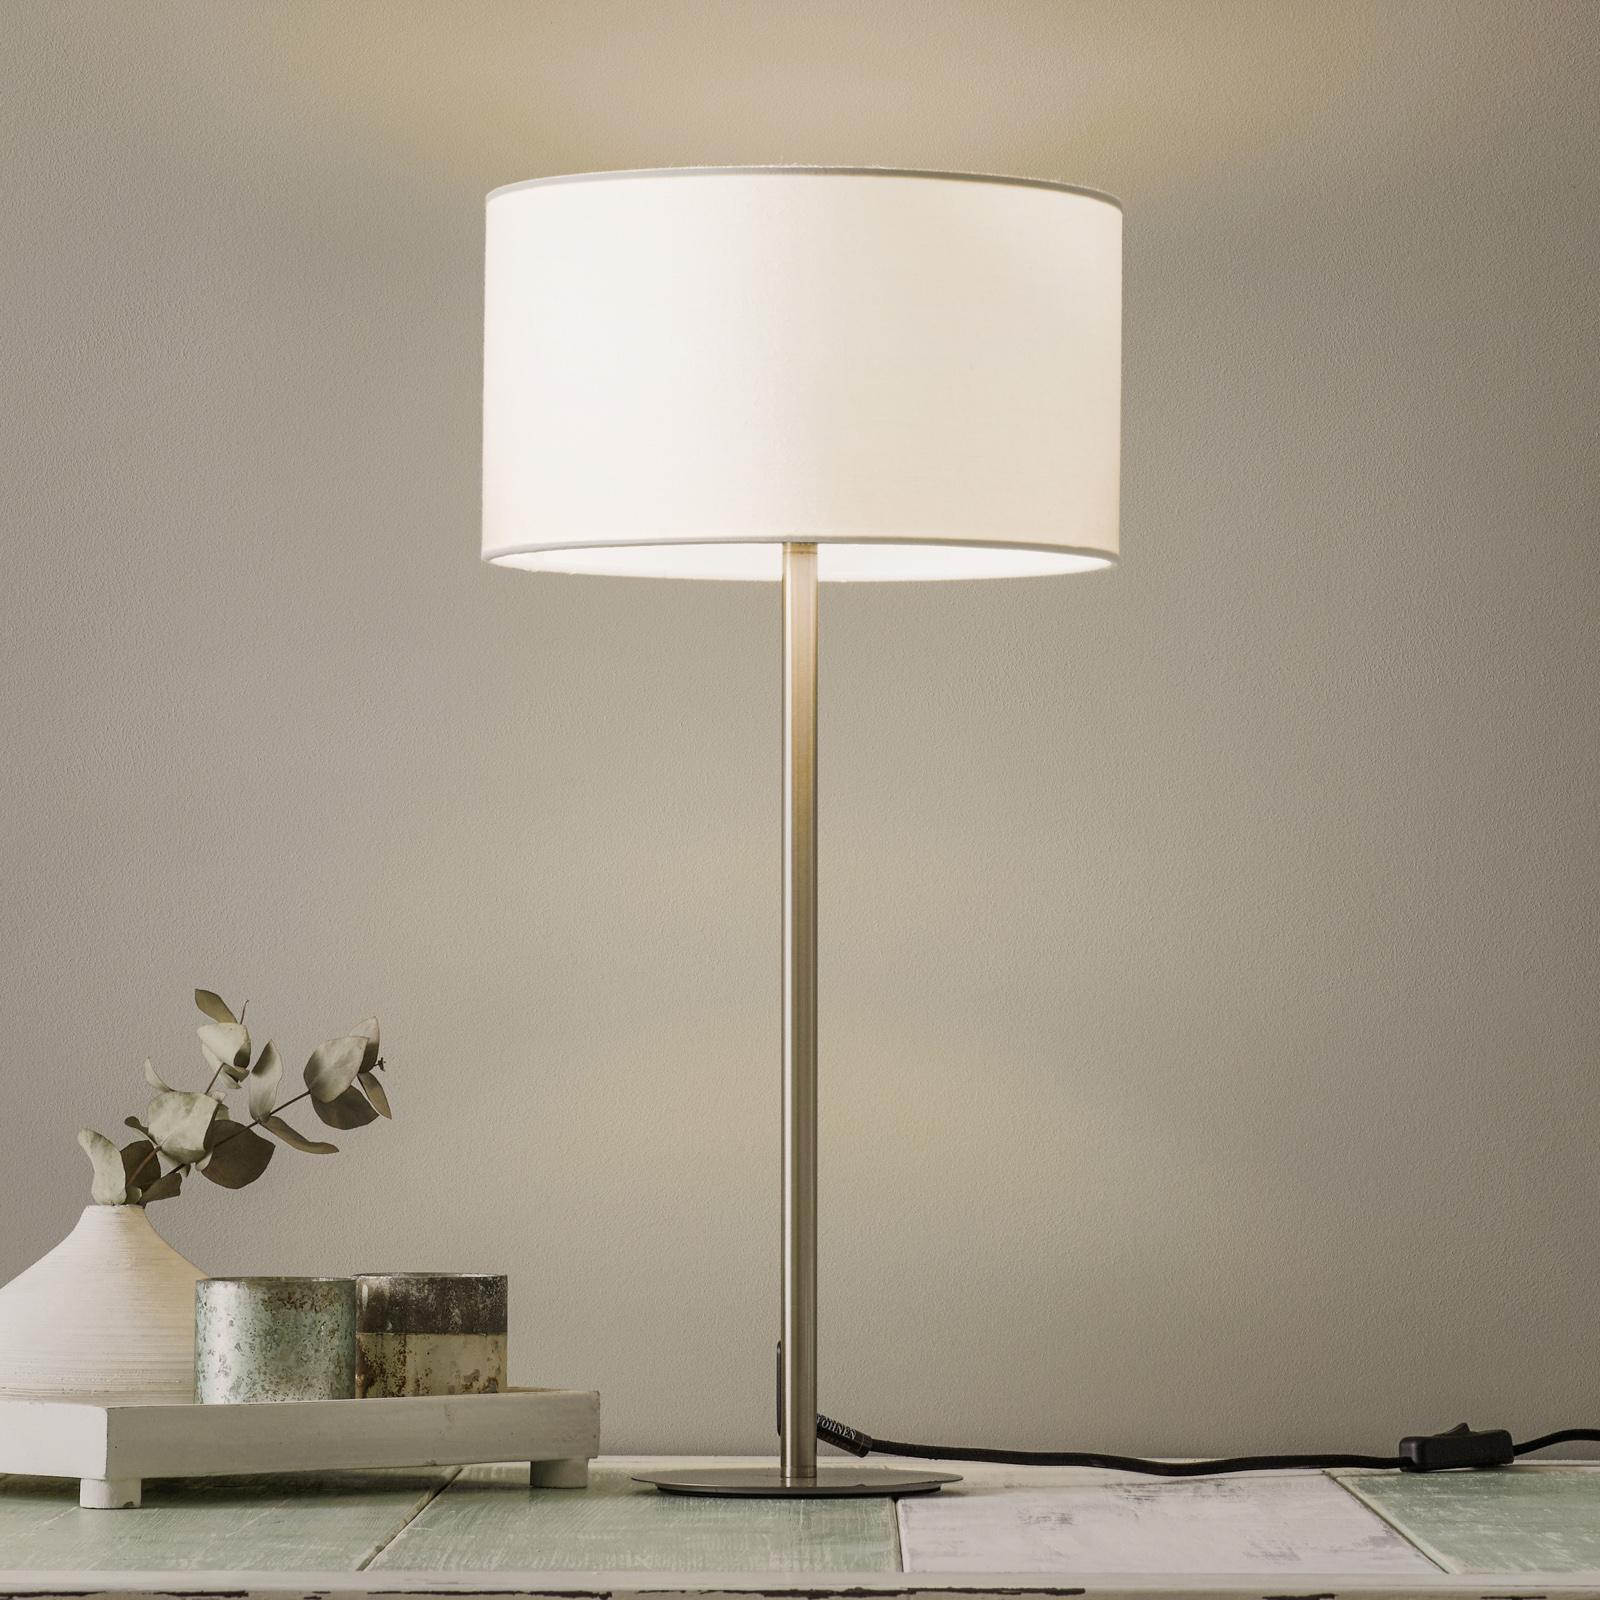 Schöner Wohnen Pina bordlampe, hvid